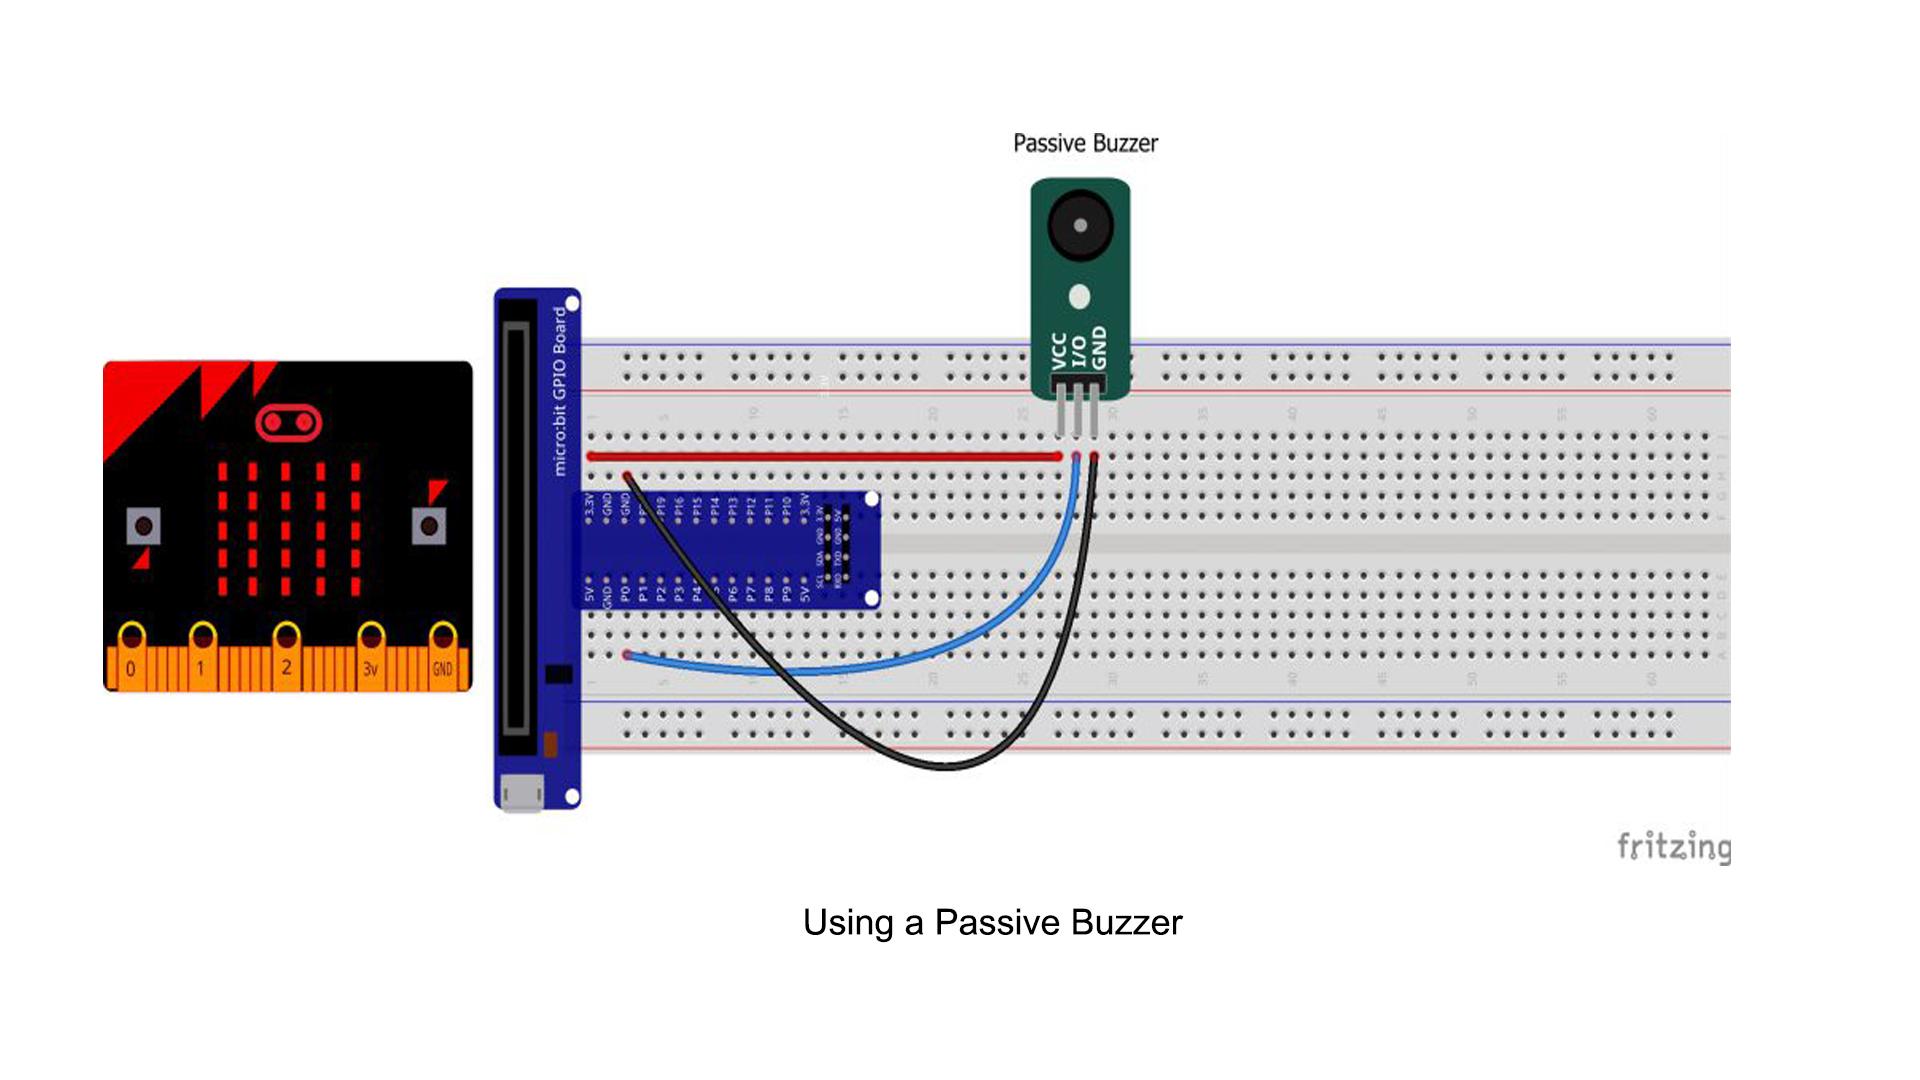 Micro bit lesson — Using a Passive Buzzer